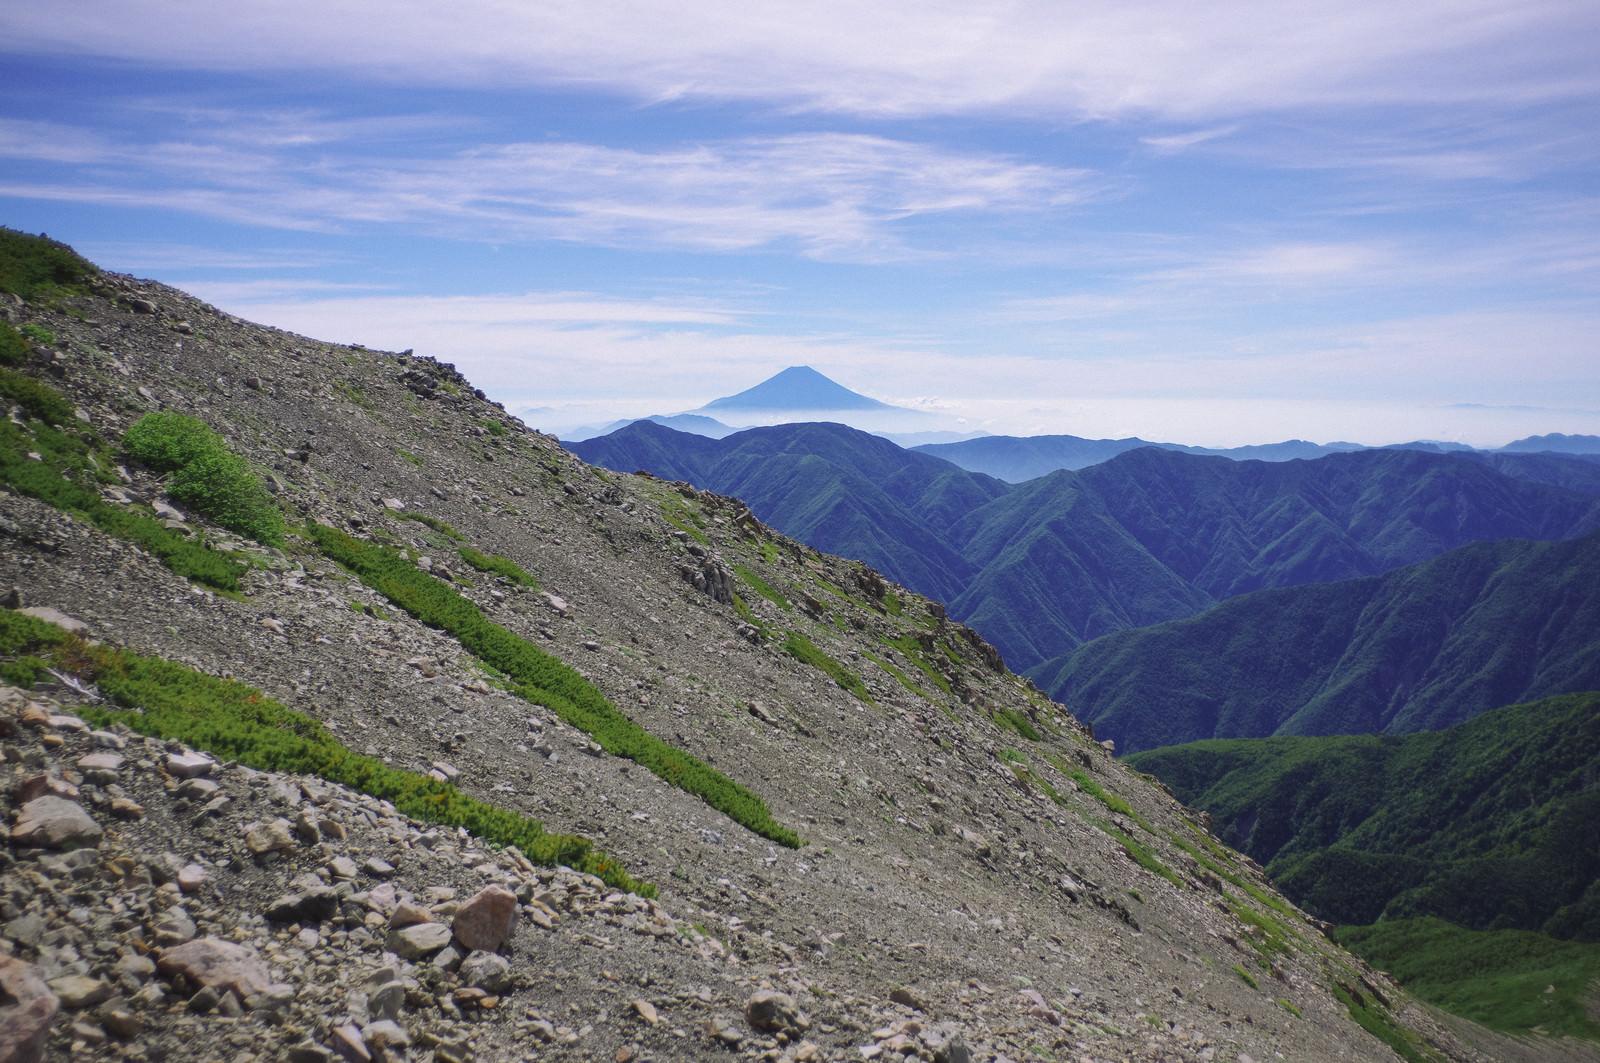 「細かい石で流れそうな斜面と富士山(聖岳)」の写真